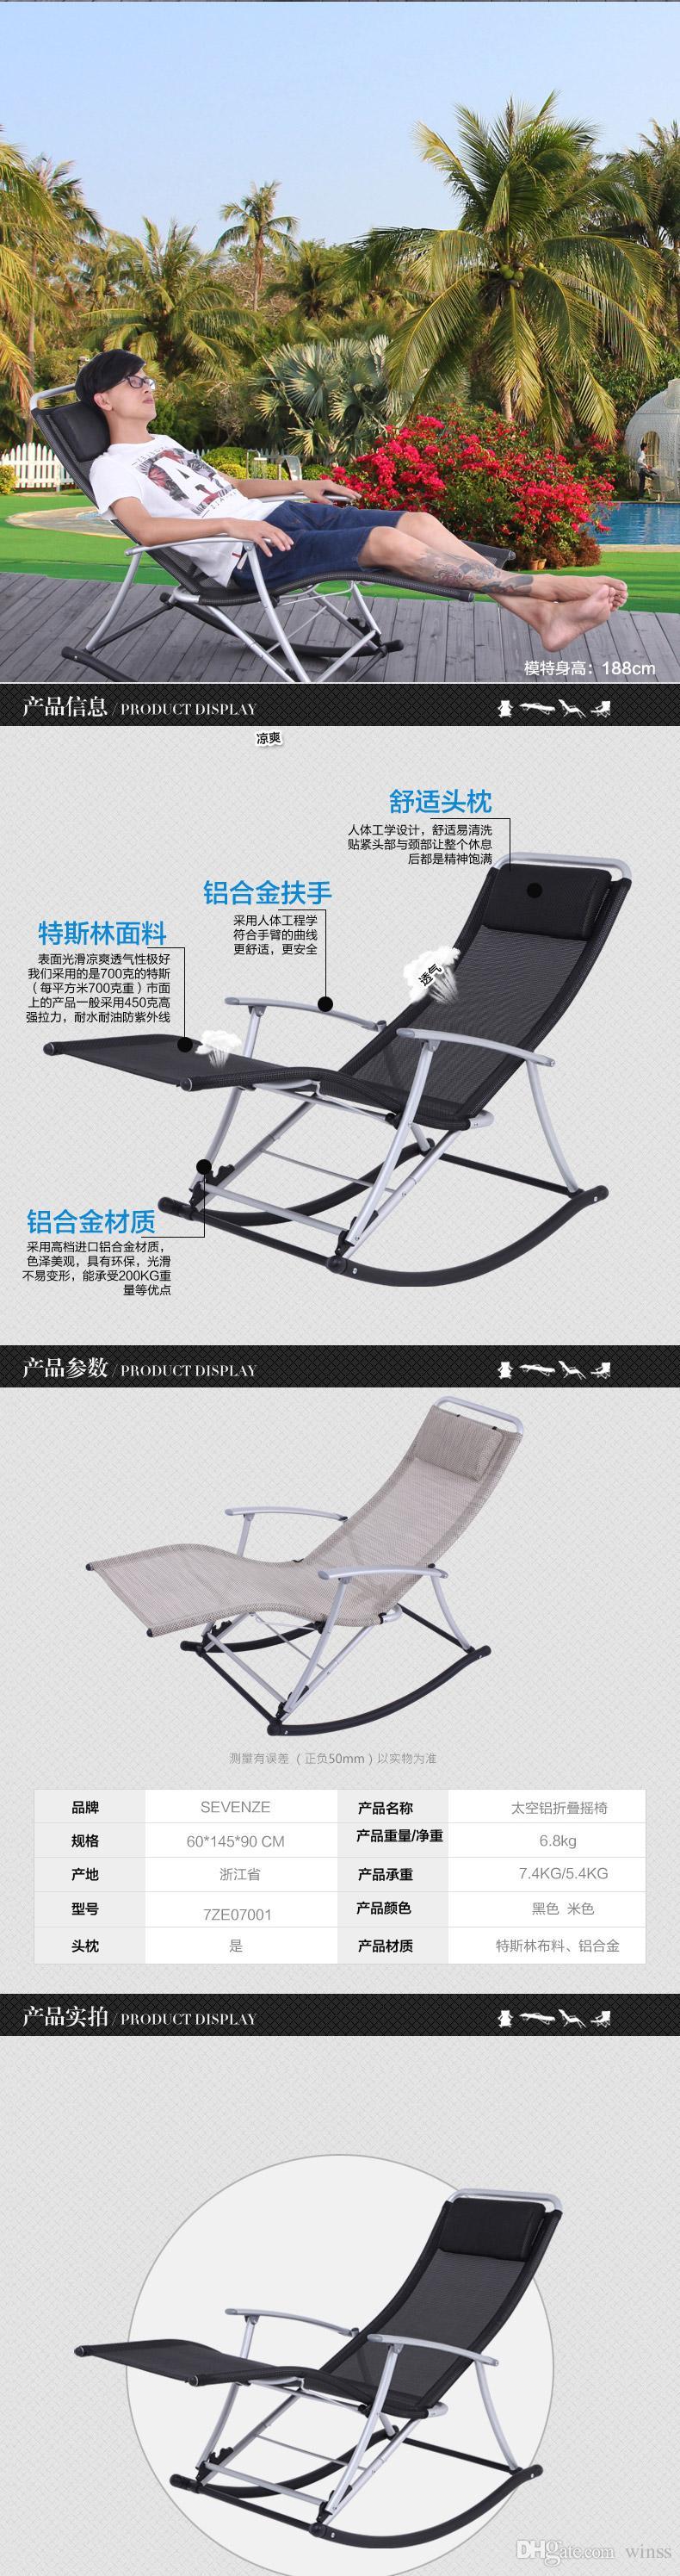 Rocking chair deck chair cloth art solo Recreational chair Lunch chairs